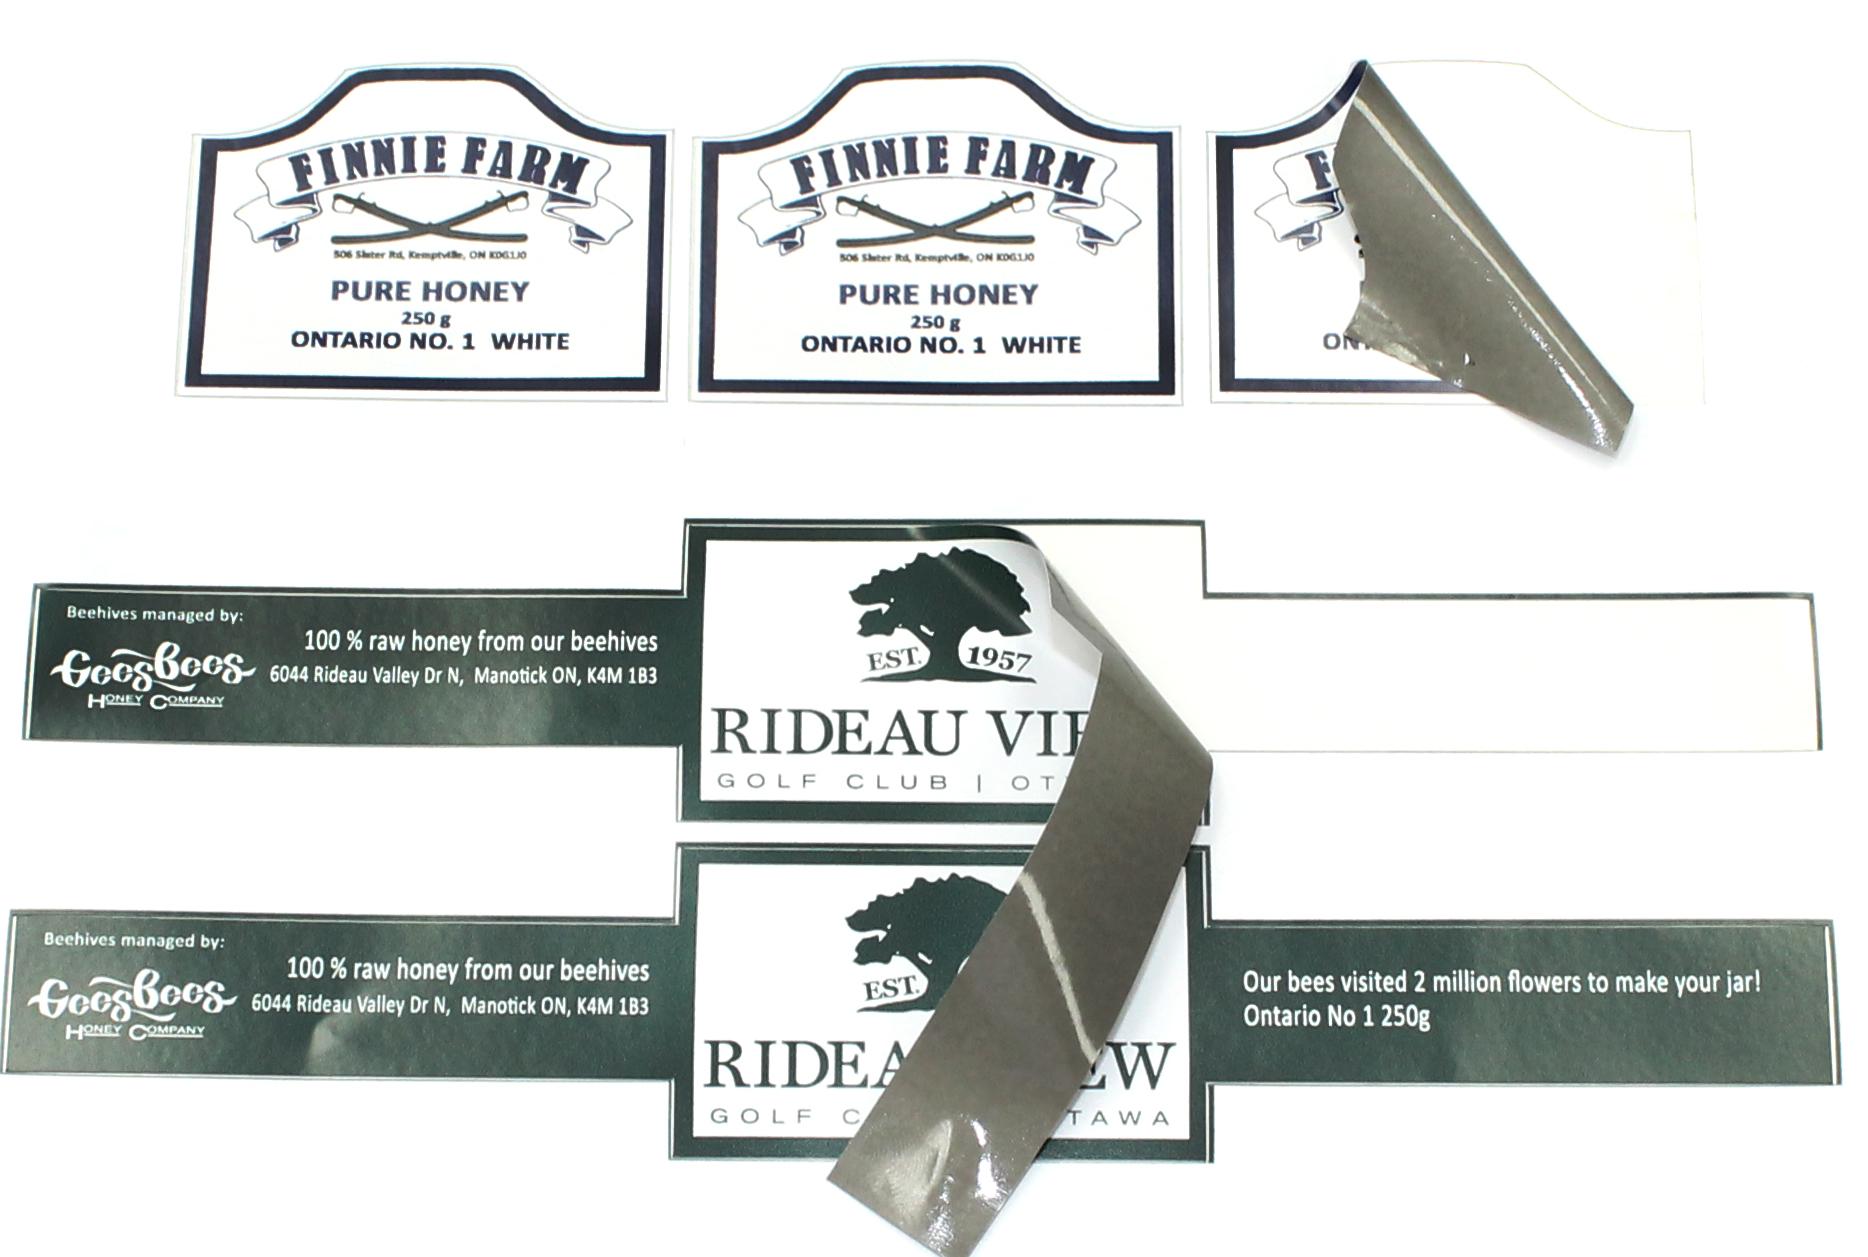 Custom-cut labels, vinyl adhesive, gloss or matt finish paper